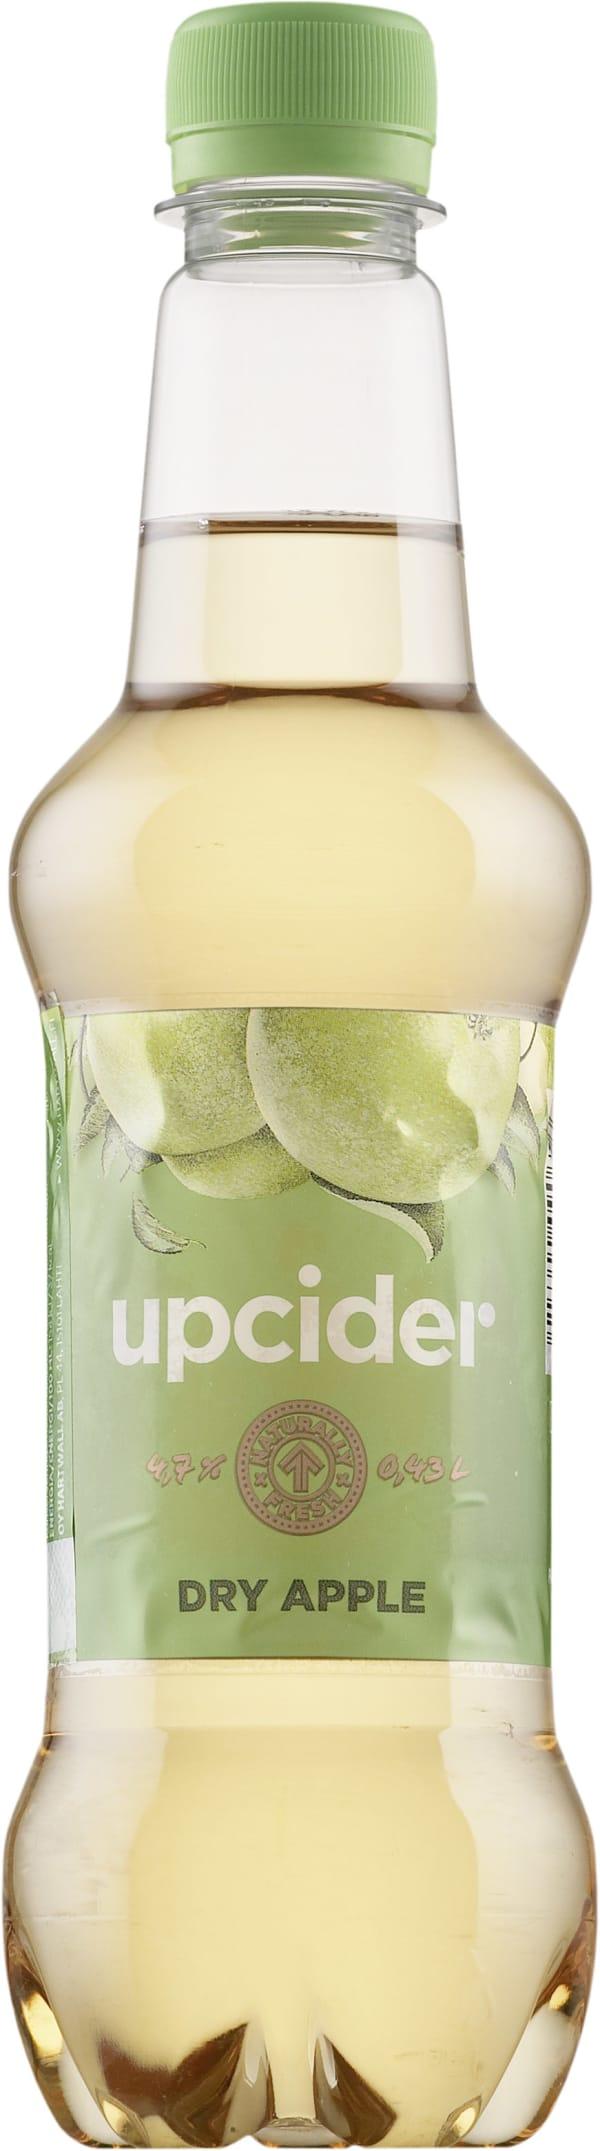 Upcider Dry Apple  plastic bottle